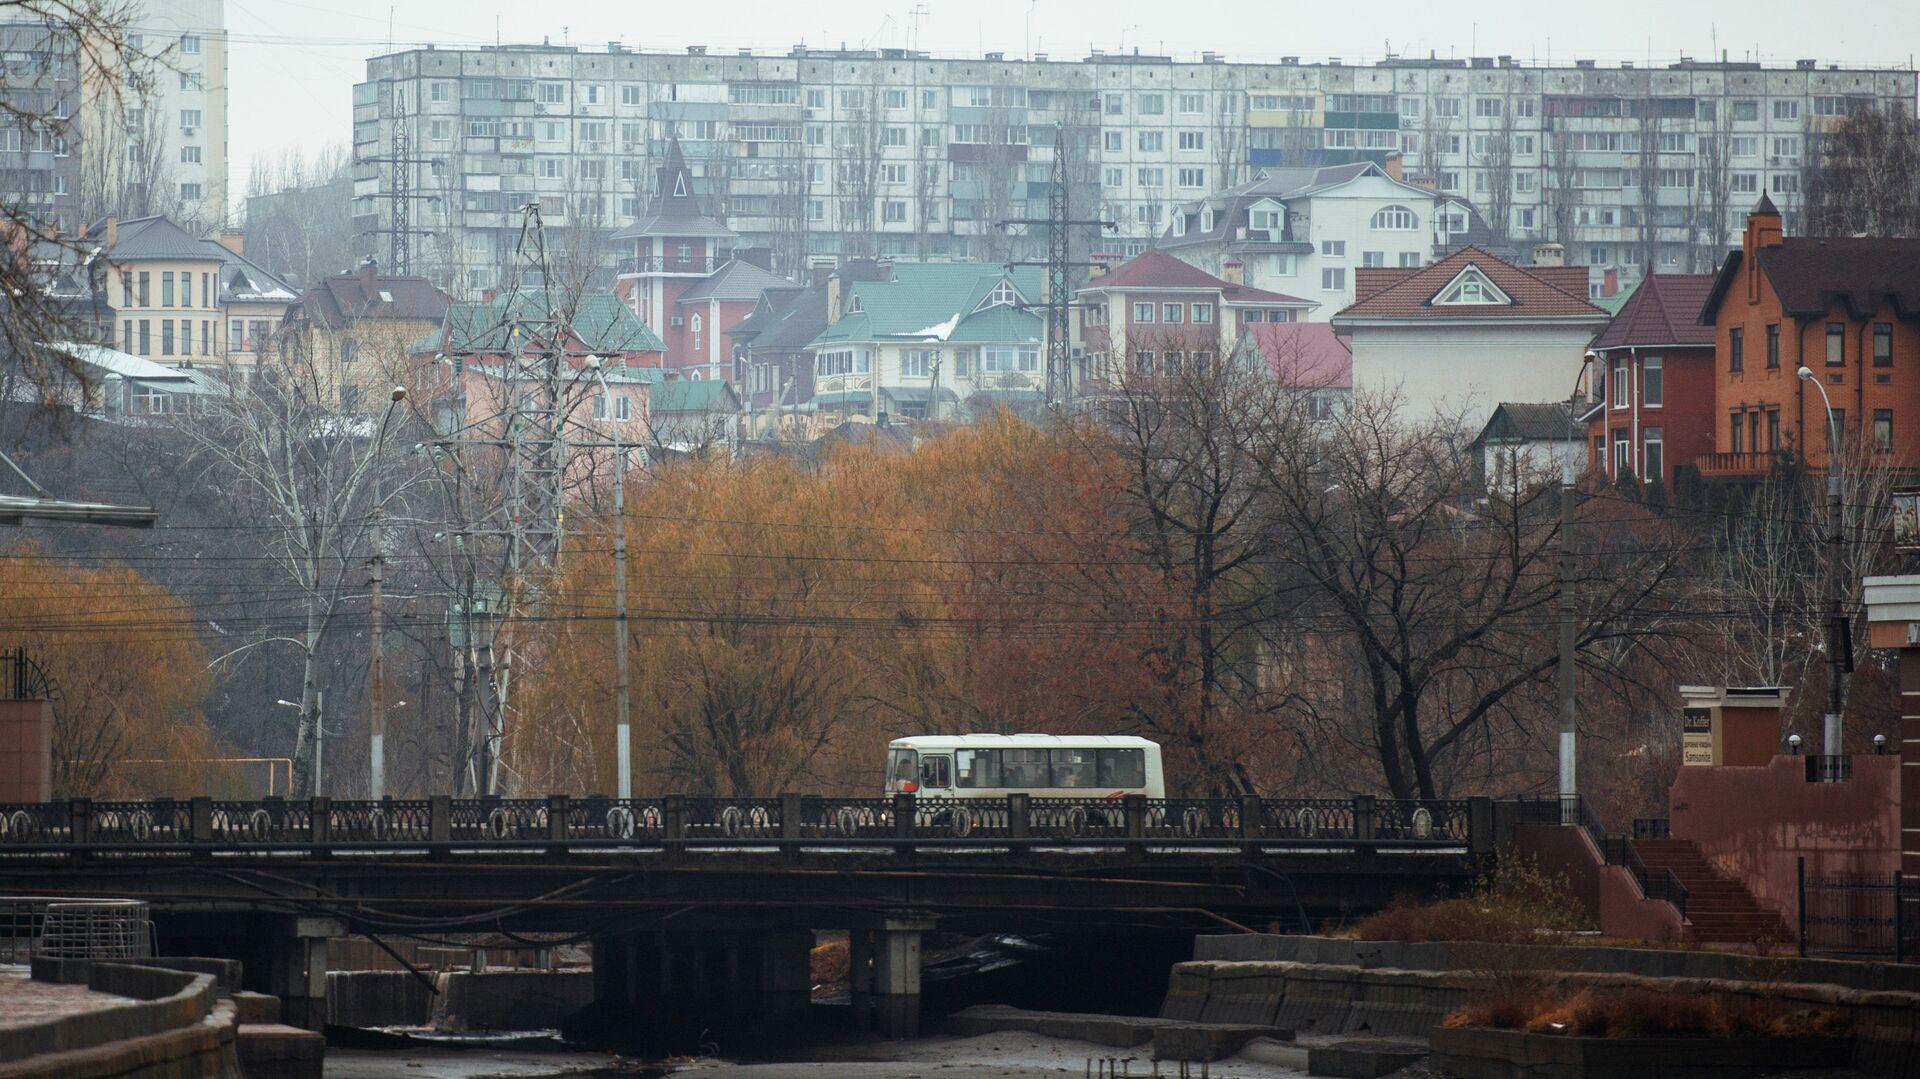 Мост через реку Воронеж в Липецке - РИА Новости, 1920, 27.01.2021